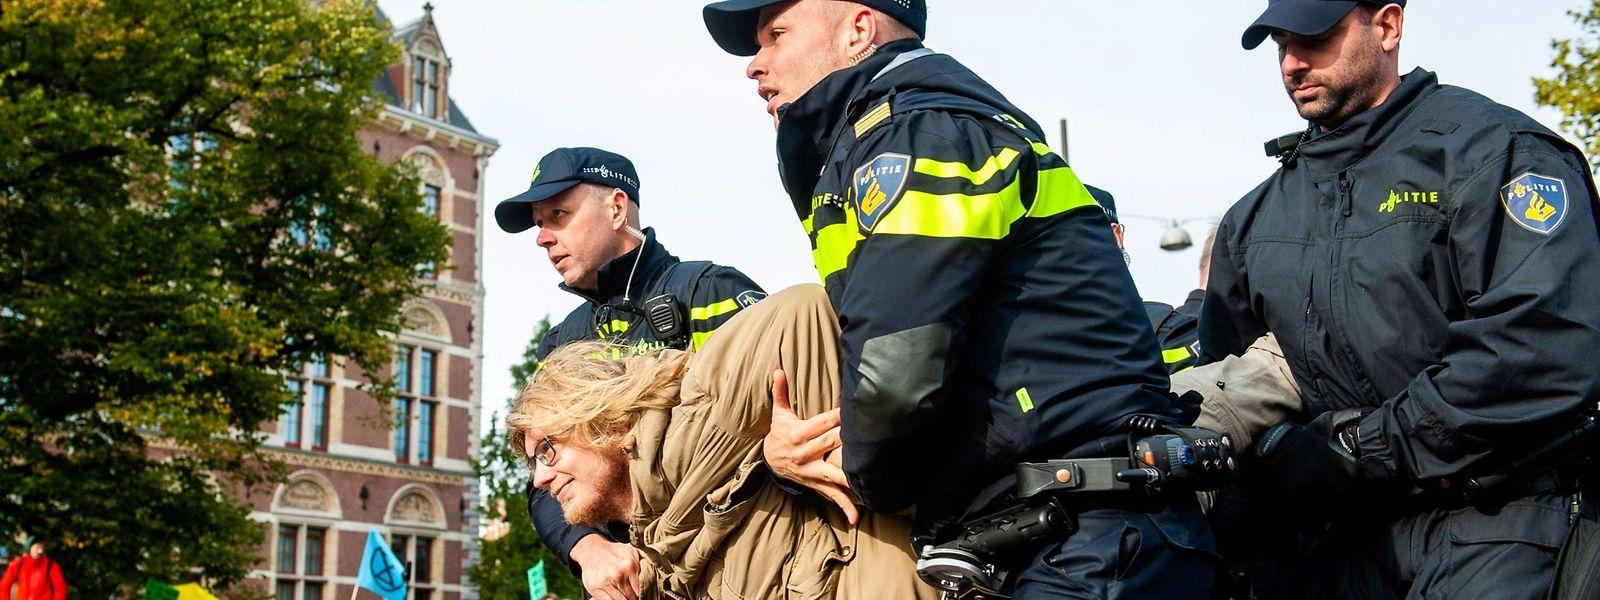 Eine Demonstrantin wird in Amsterdam von Polizisten aus einer Sitzblockade entfernt.